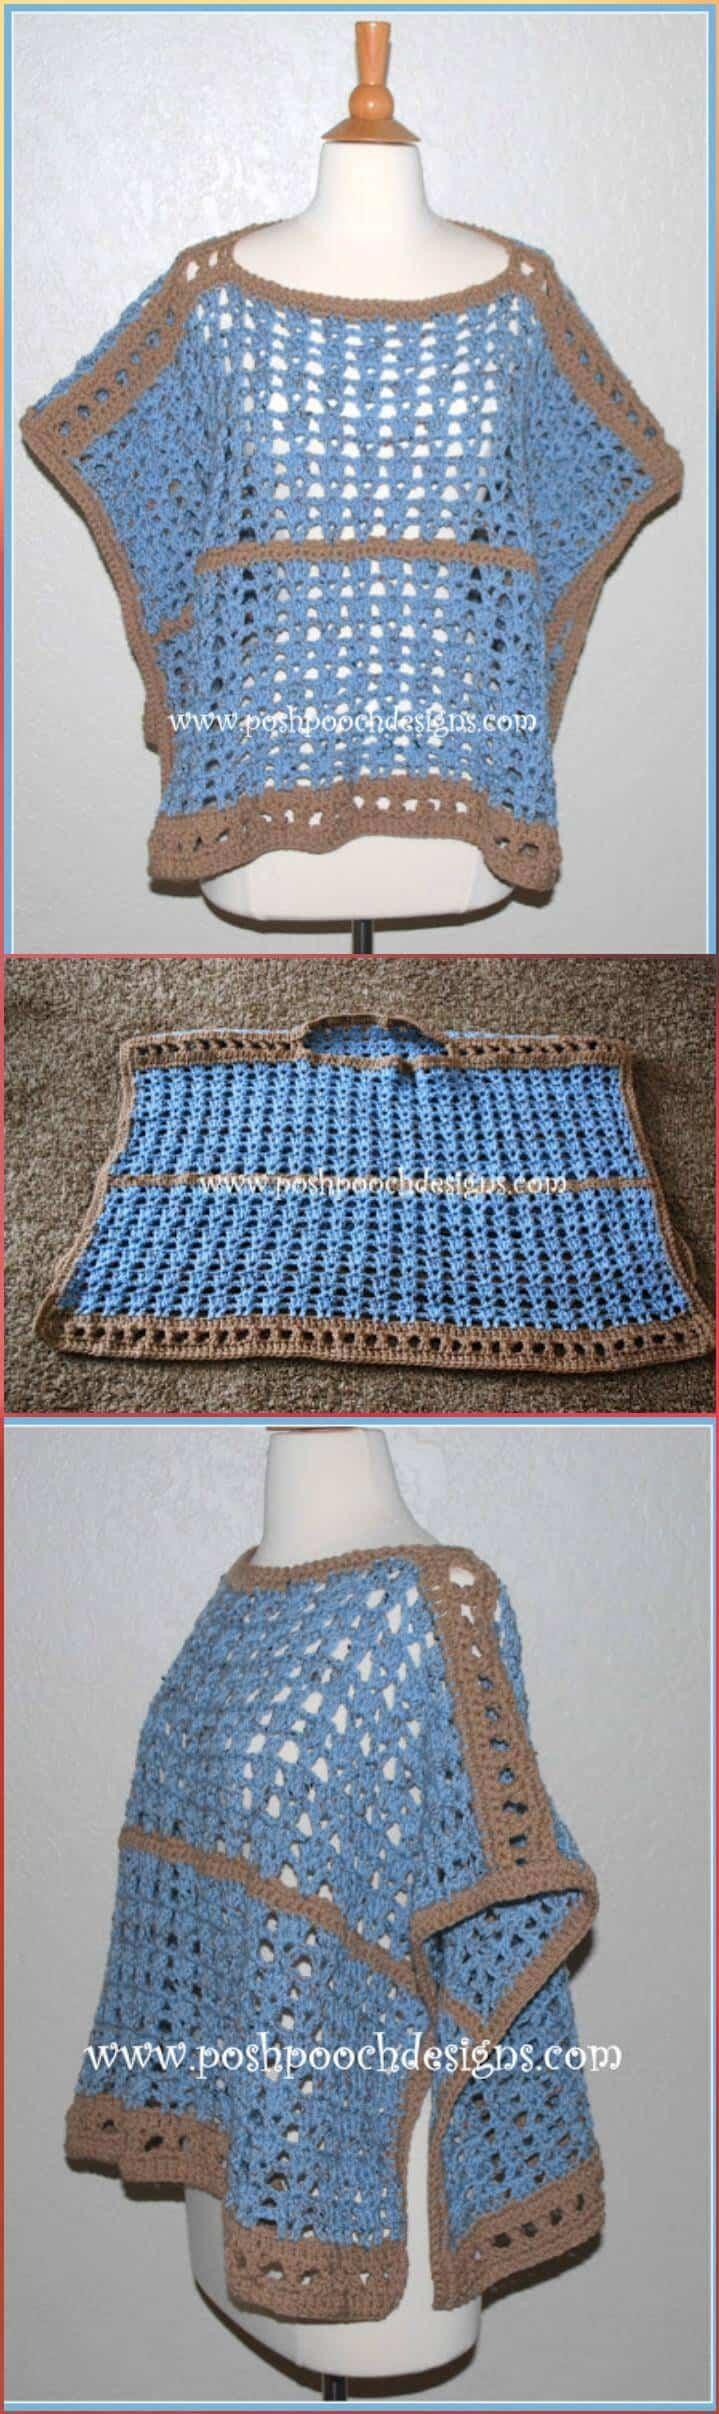 Poncho de mar y arena de crochet gratis